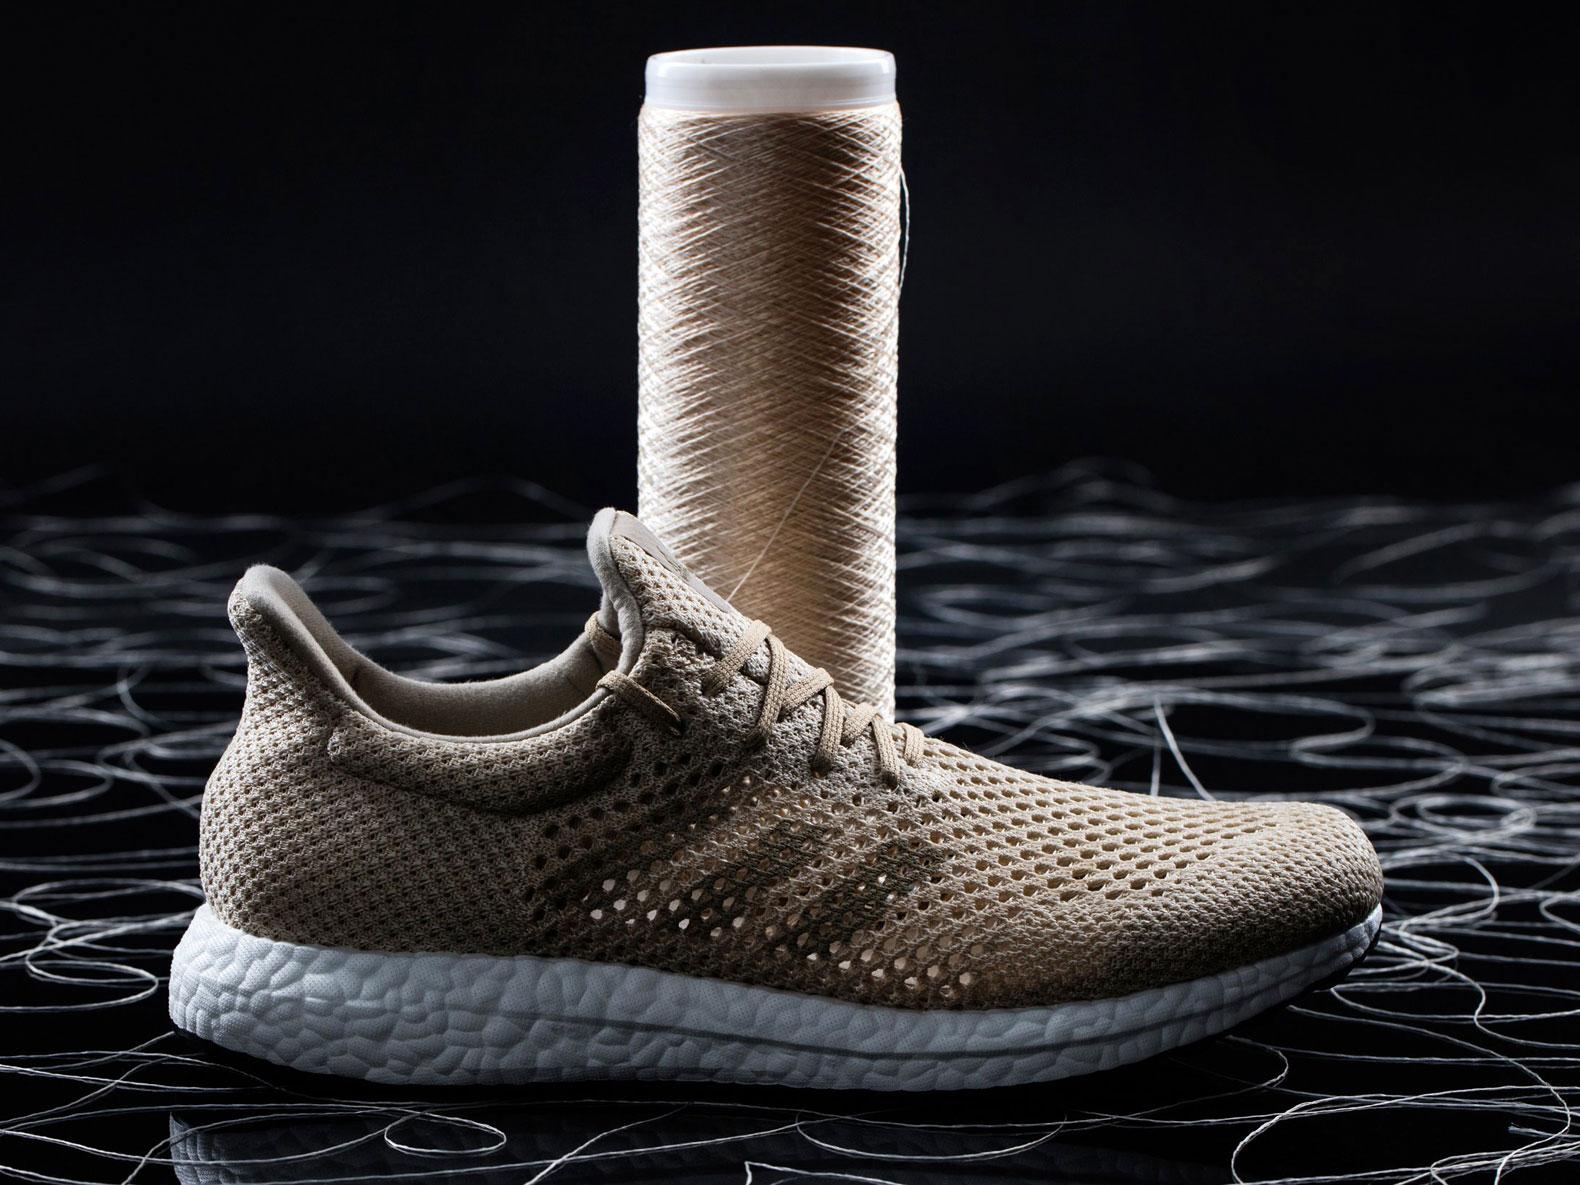 Adidas apresenta tênis de alta performance feito com seda de aranha artificial